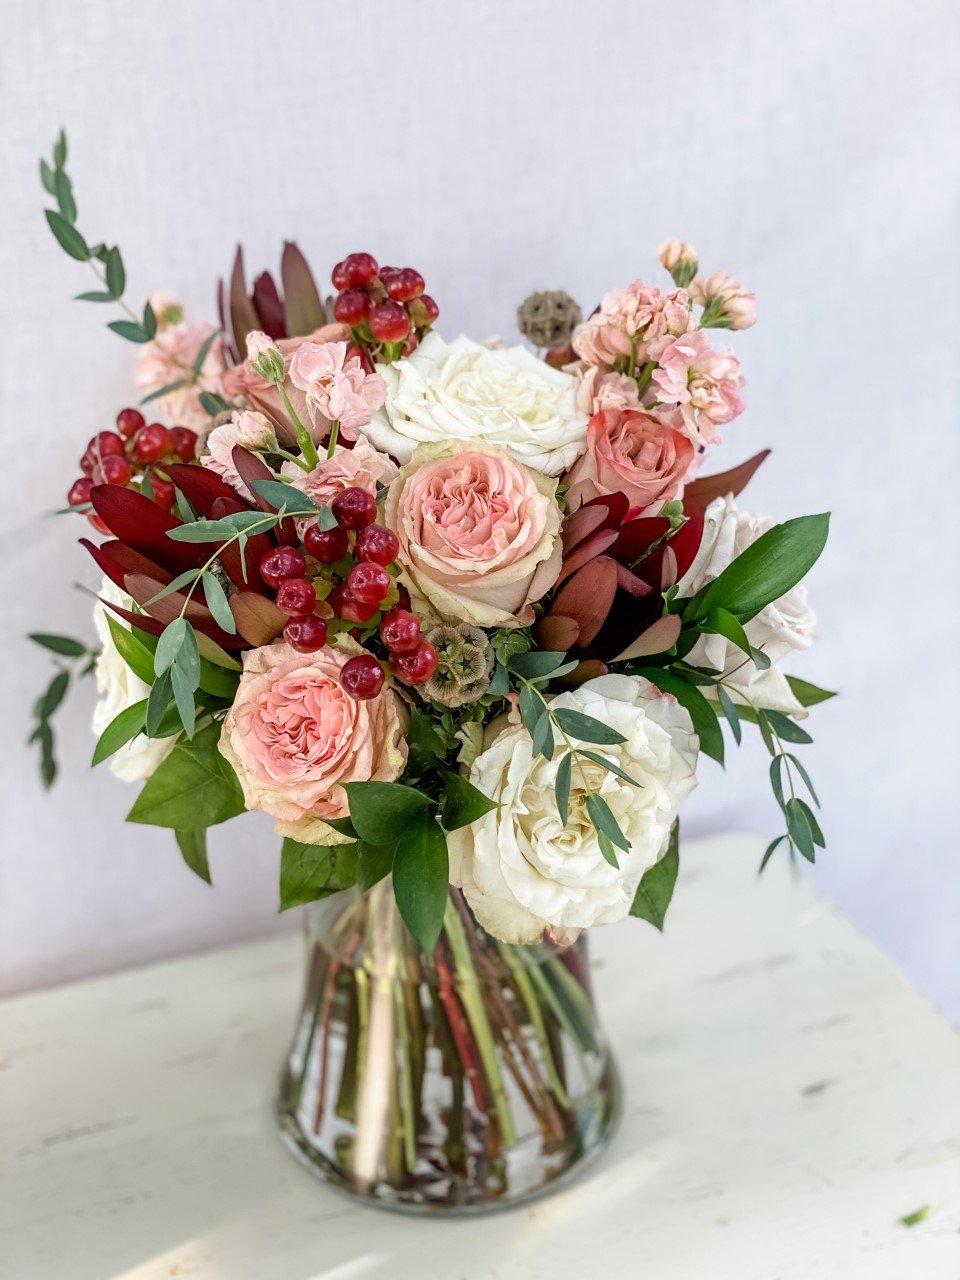 Spiral Hand-Tied Bouquet Tutorial